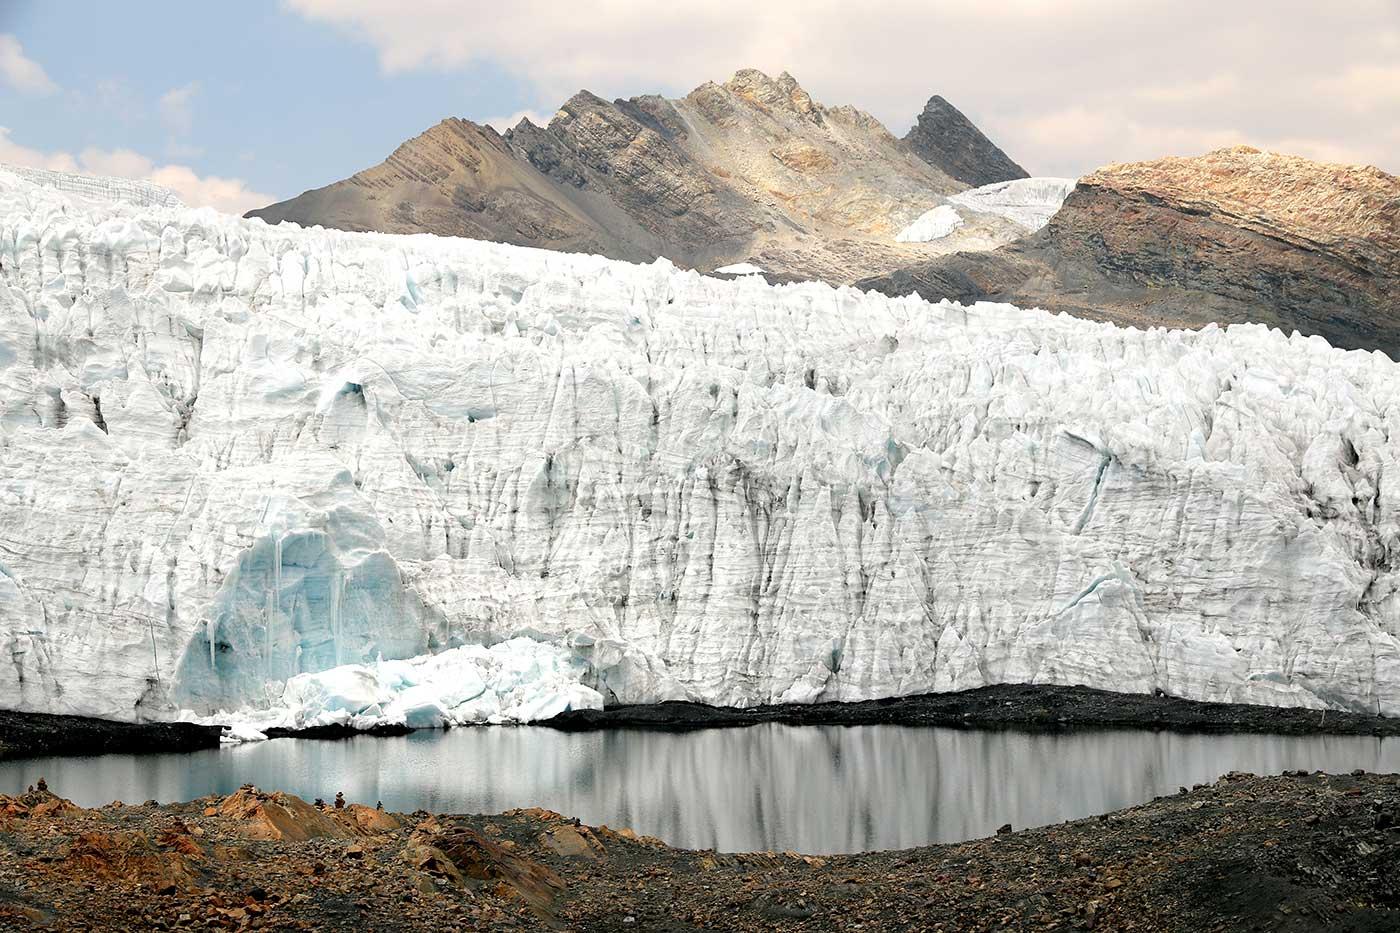 Pastoruri-glacier-Peru